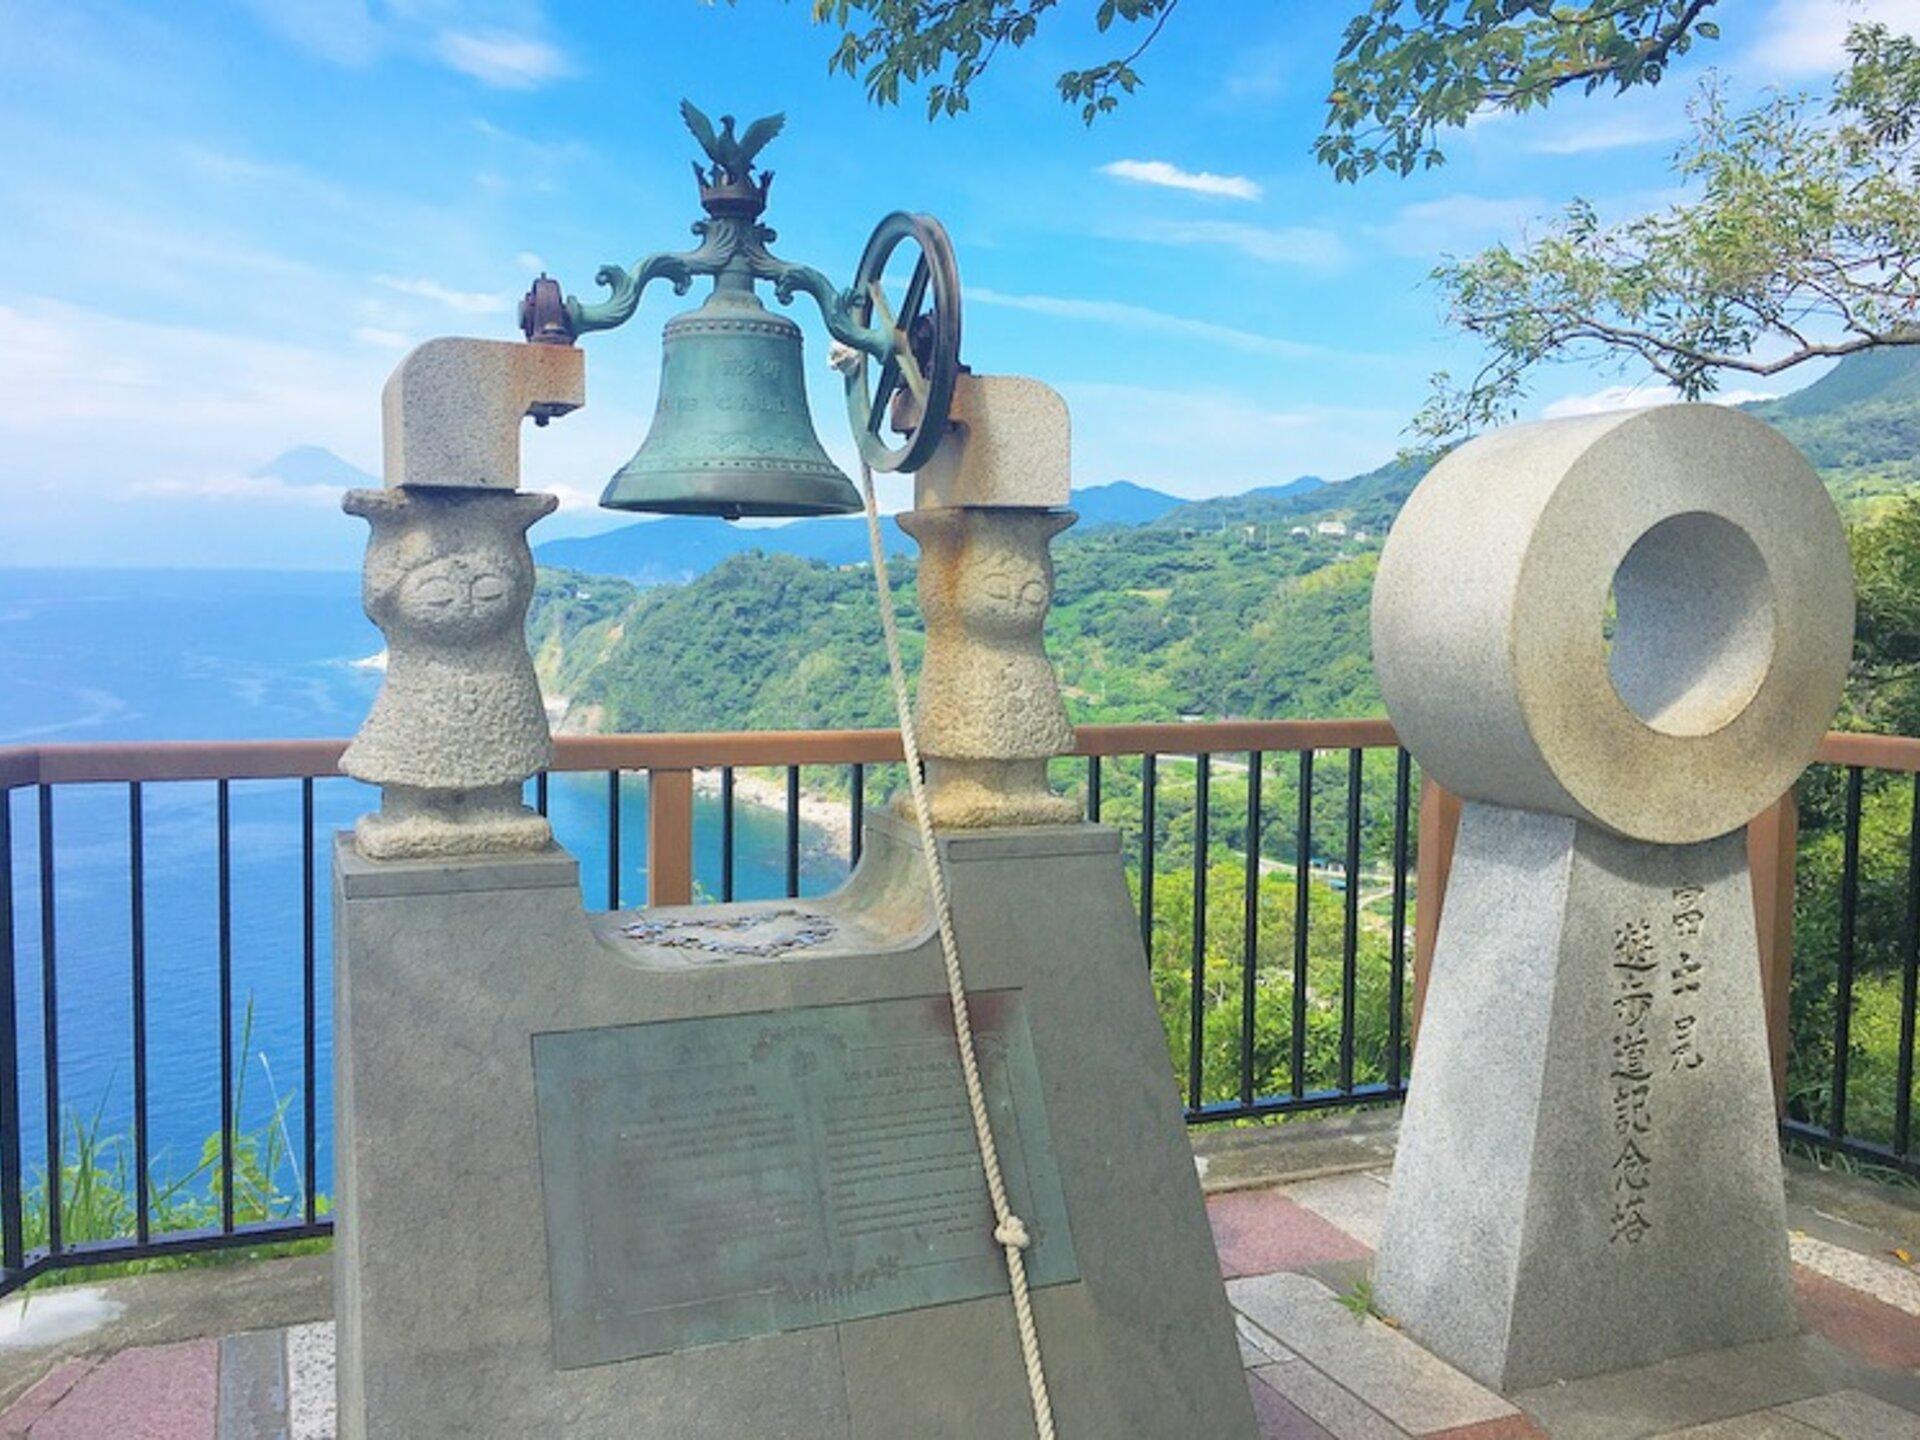 恋人の聖地巡り♡胸キュン必至な全国の観光スポット22選